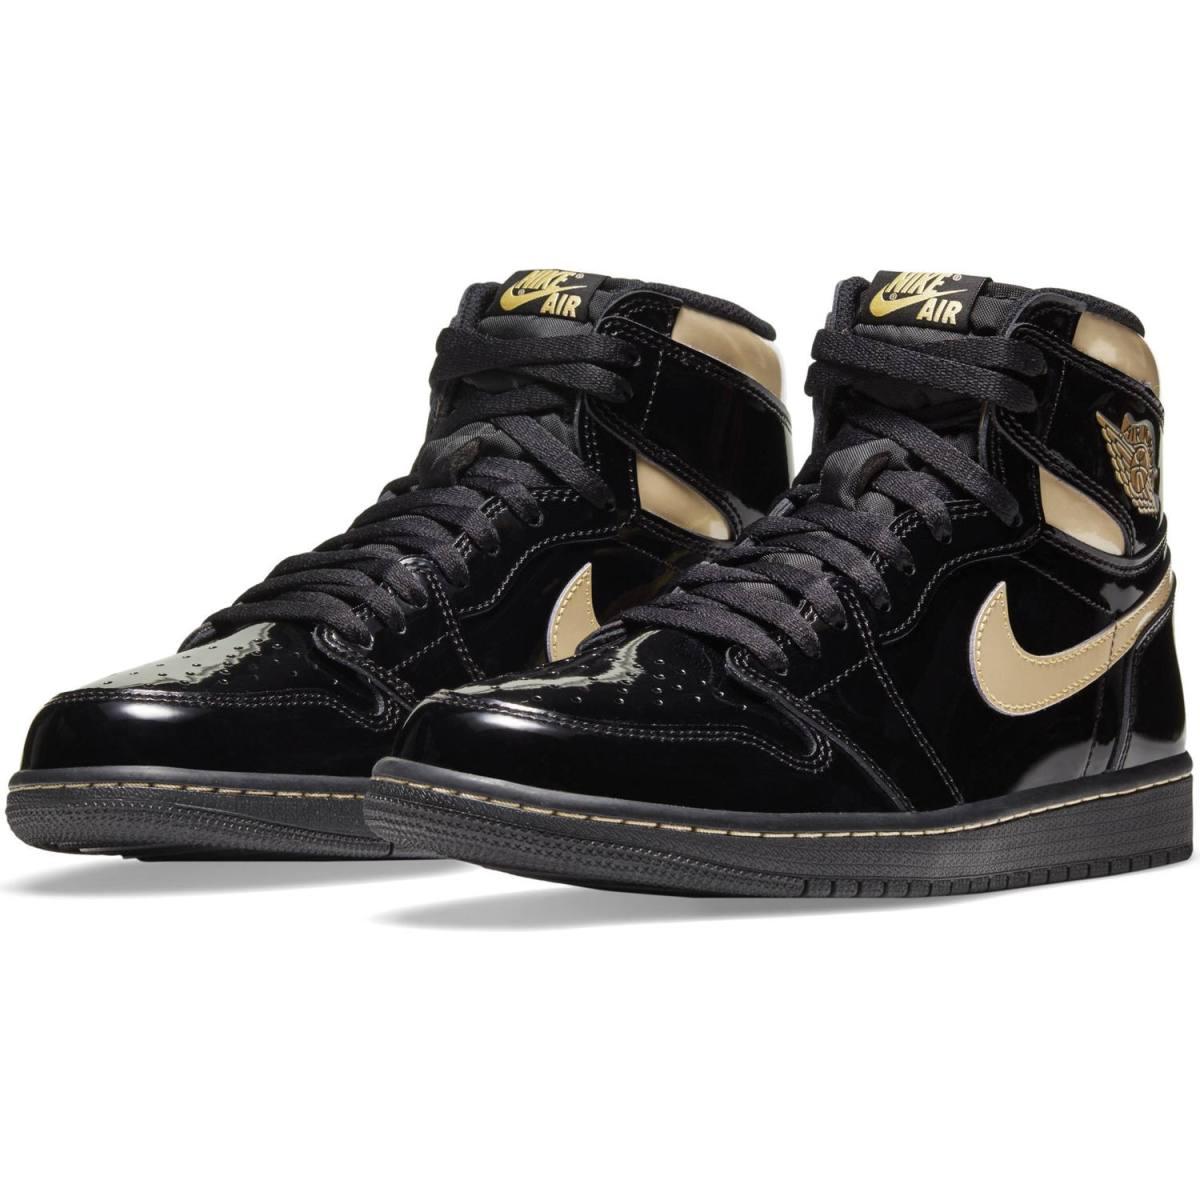 Jordan 1 Retro High Og Black & Gold